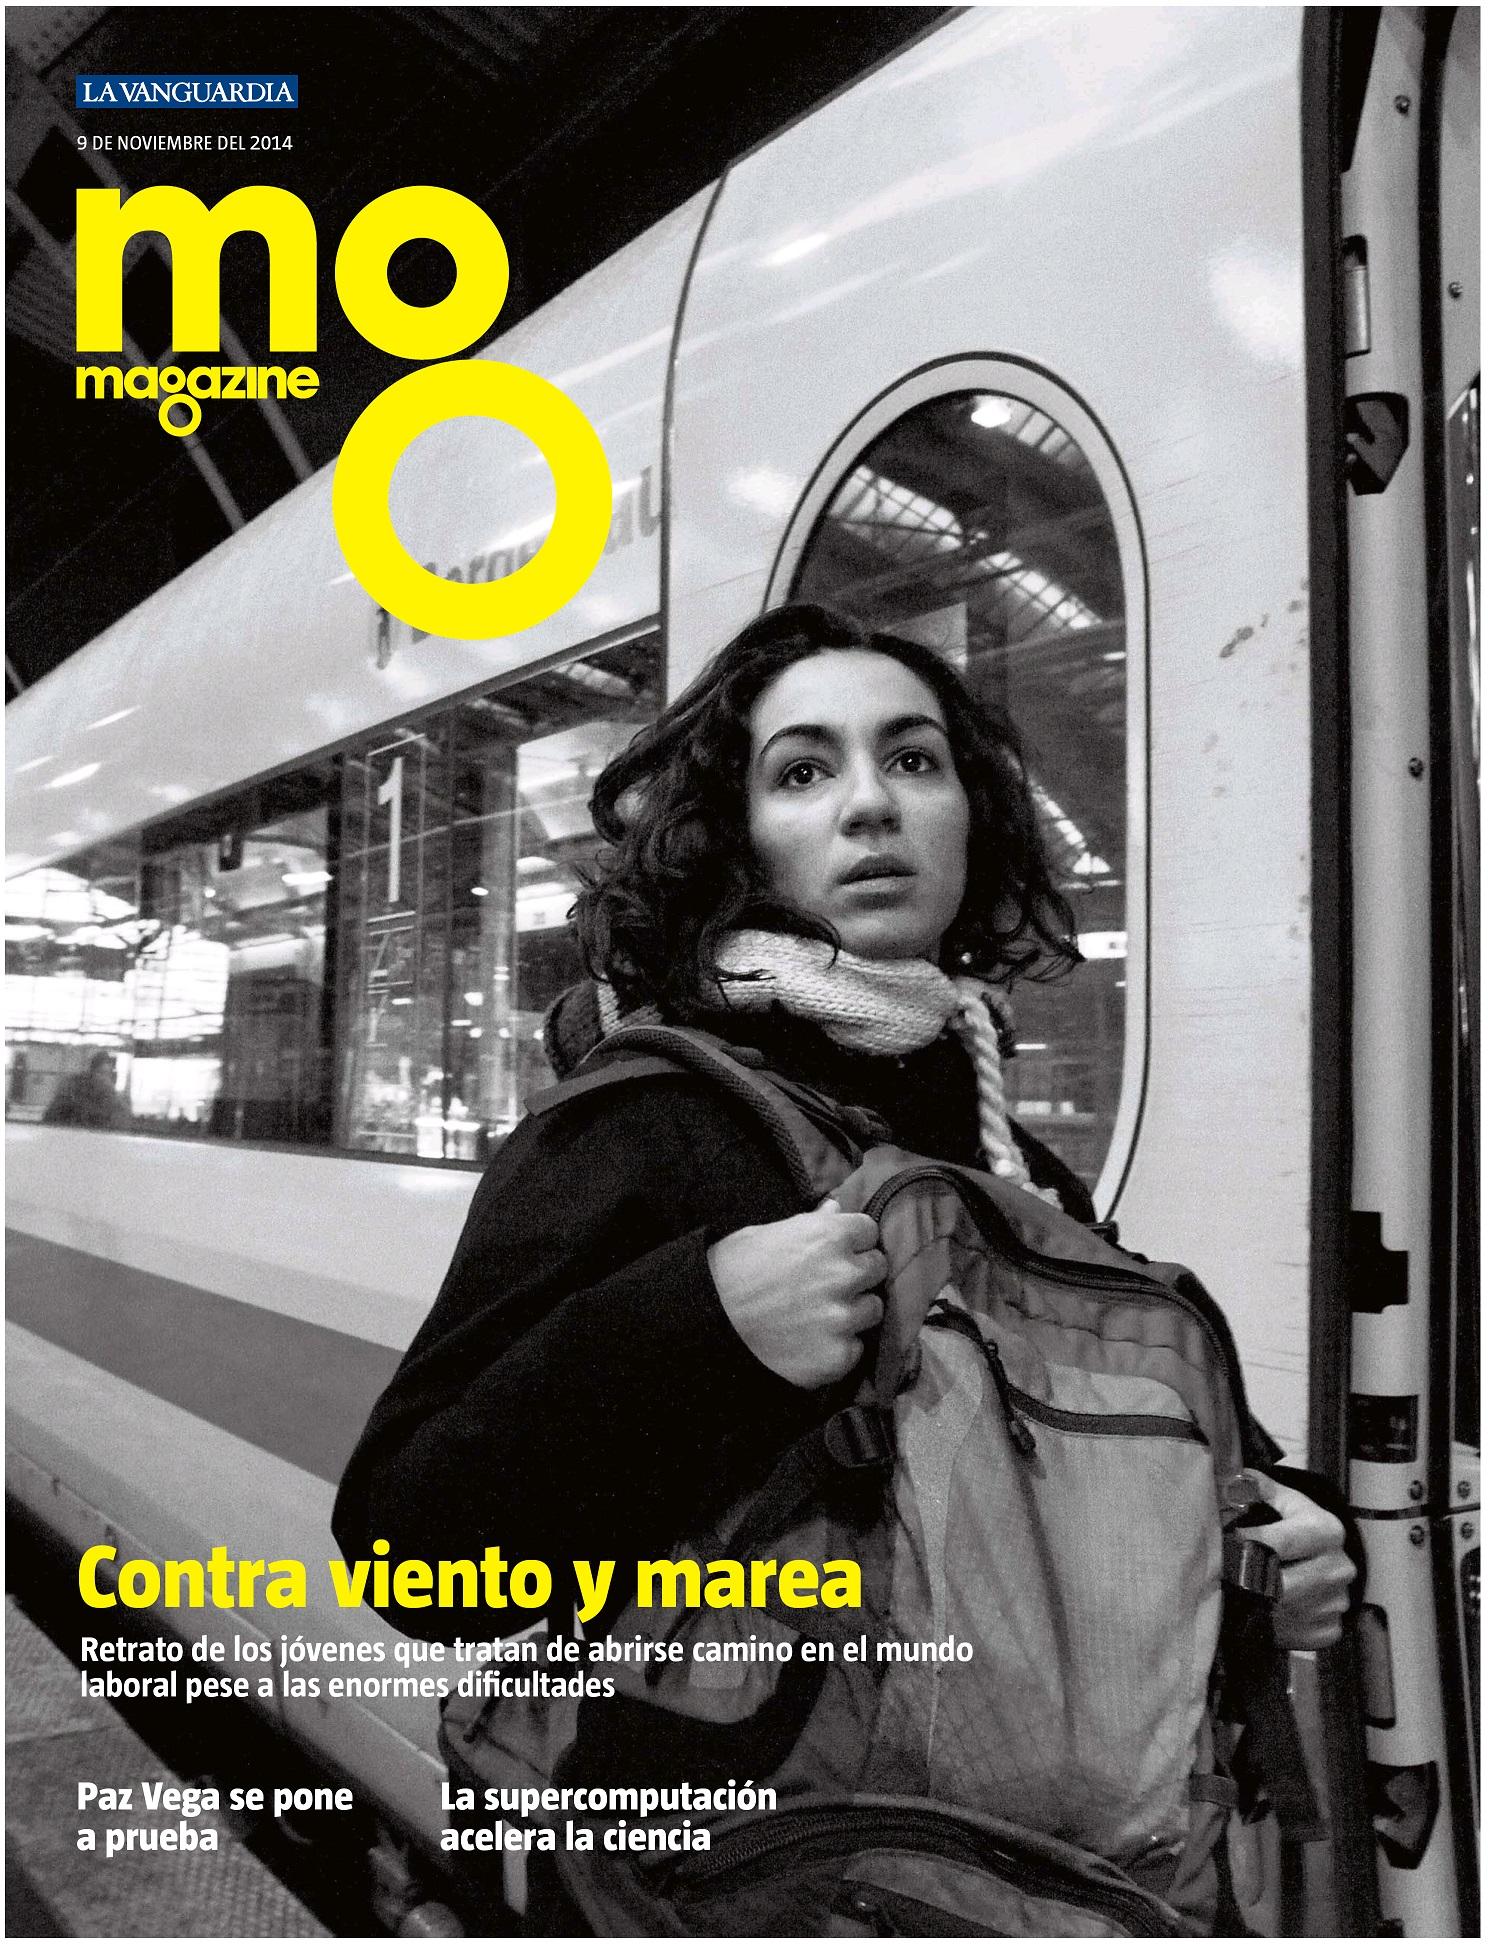 MEGAZINE portada 10 de Noviembre 2014